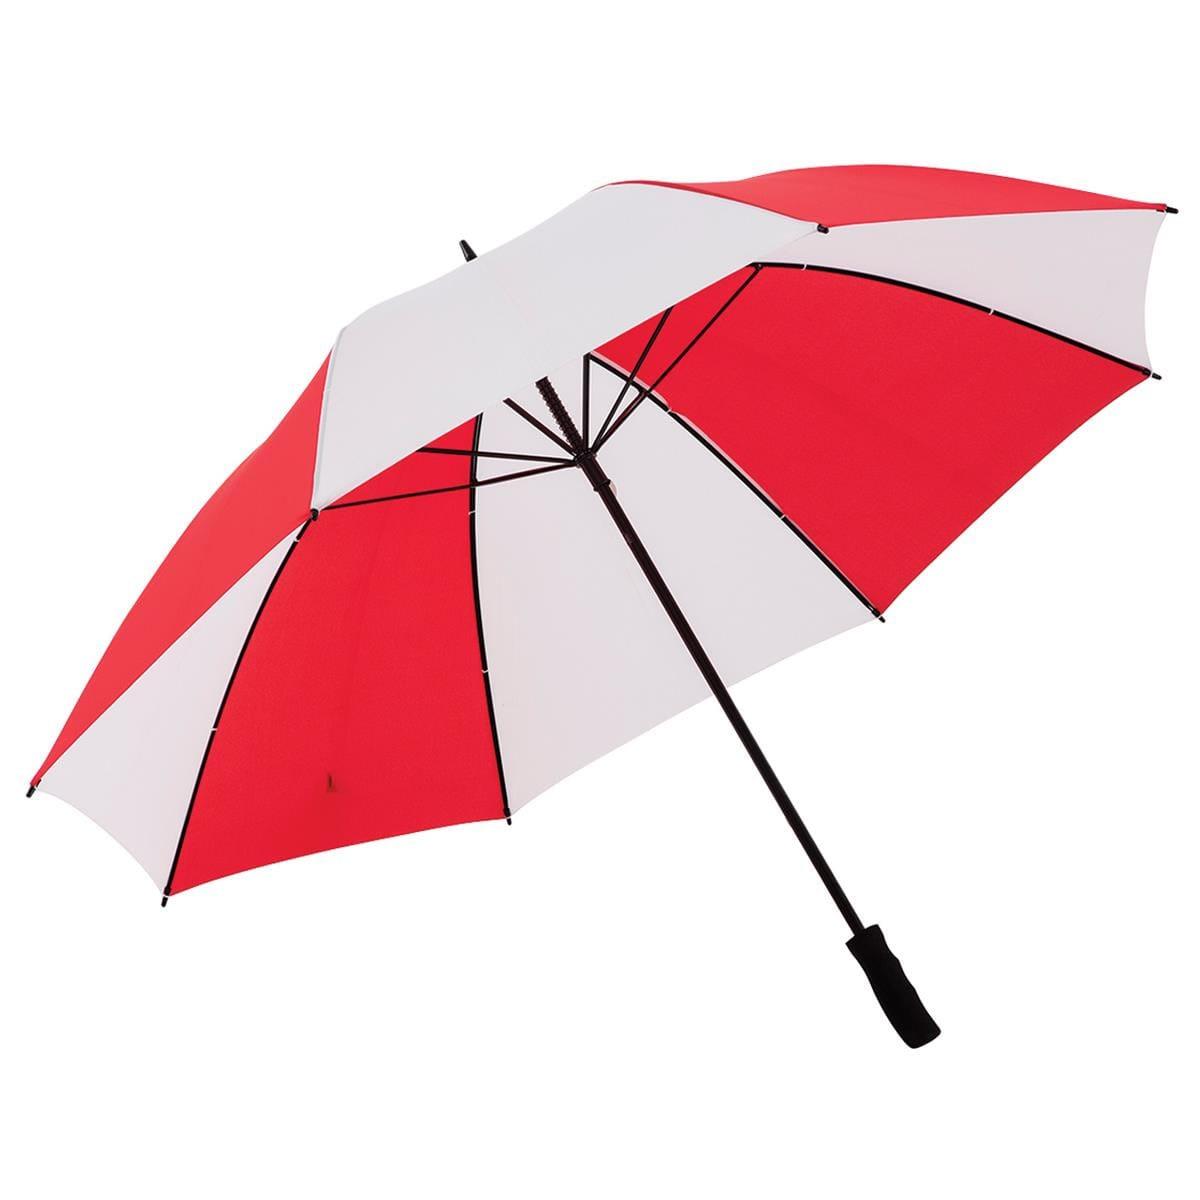 Red/White Umbra - New Event Umbrella